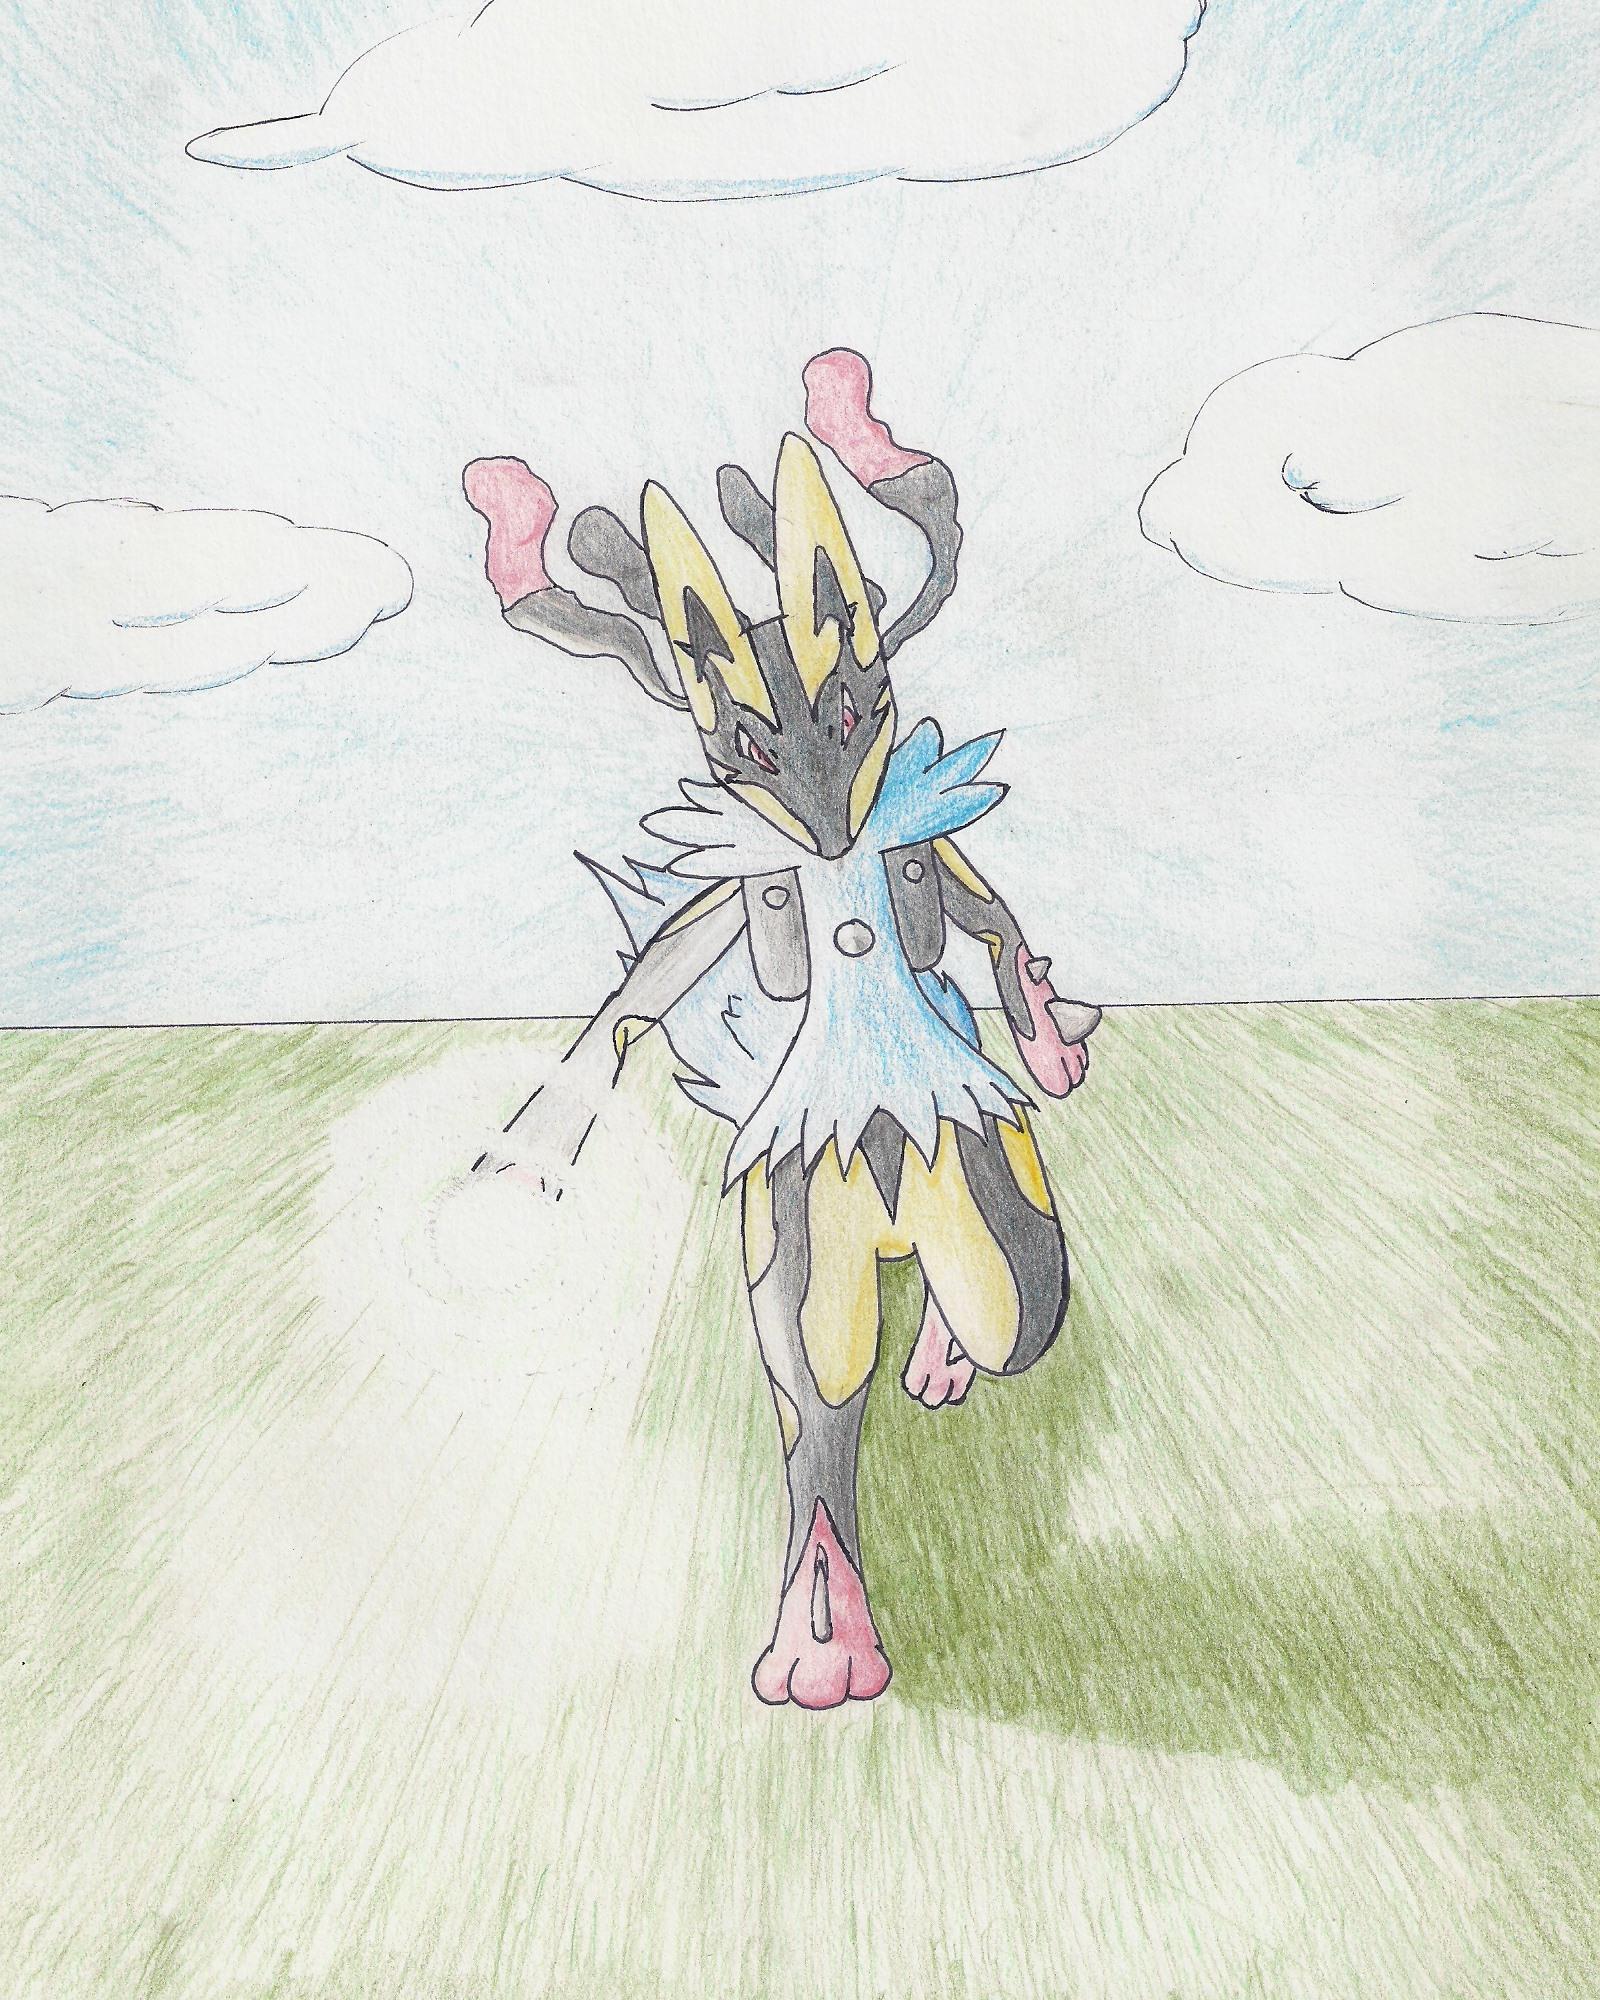 Pokémon-Zeichnung: Mega-Lucario  ben.  Lichtkanone